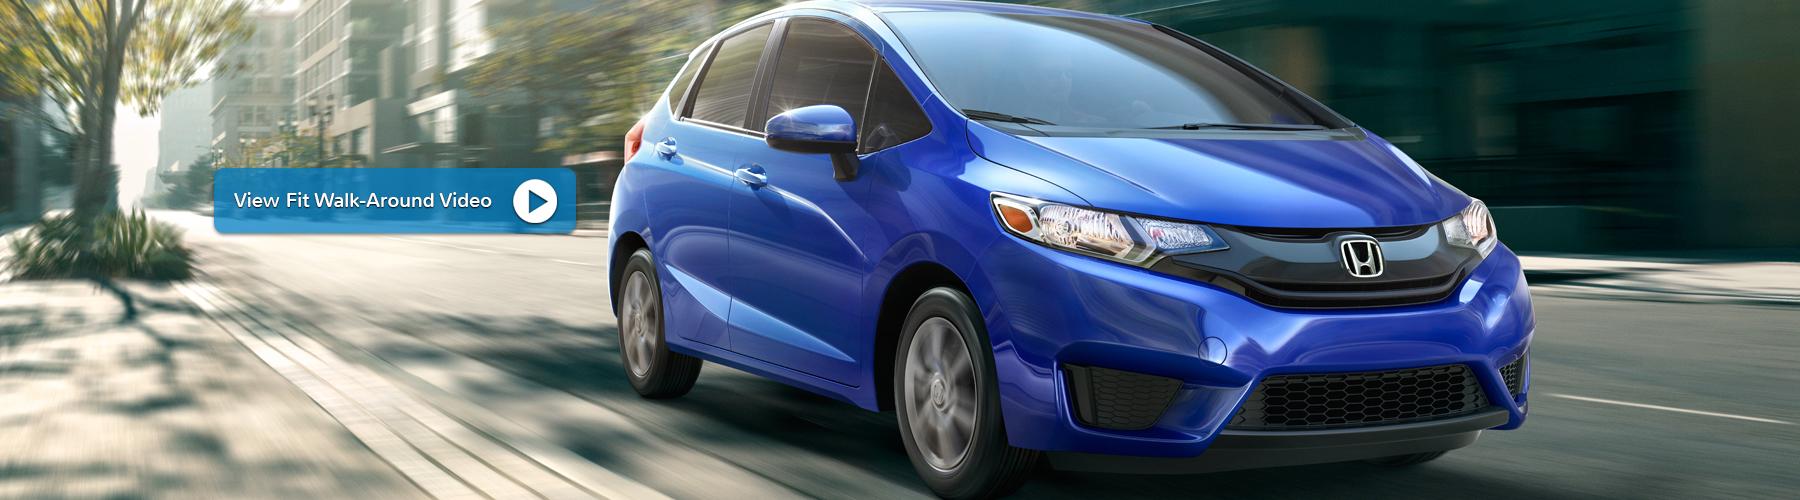 fit reviews amazon com ex dp images door specs cvt and hatchback vehicles honda